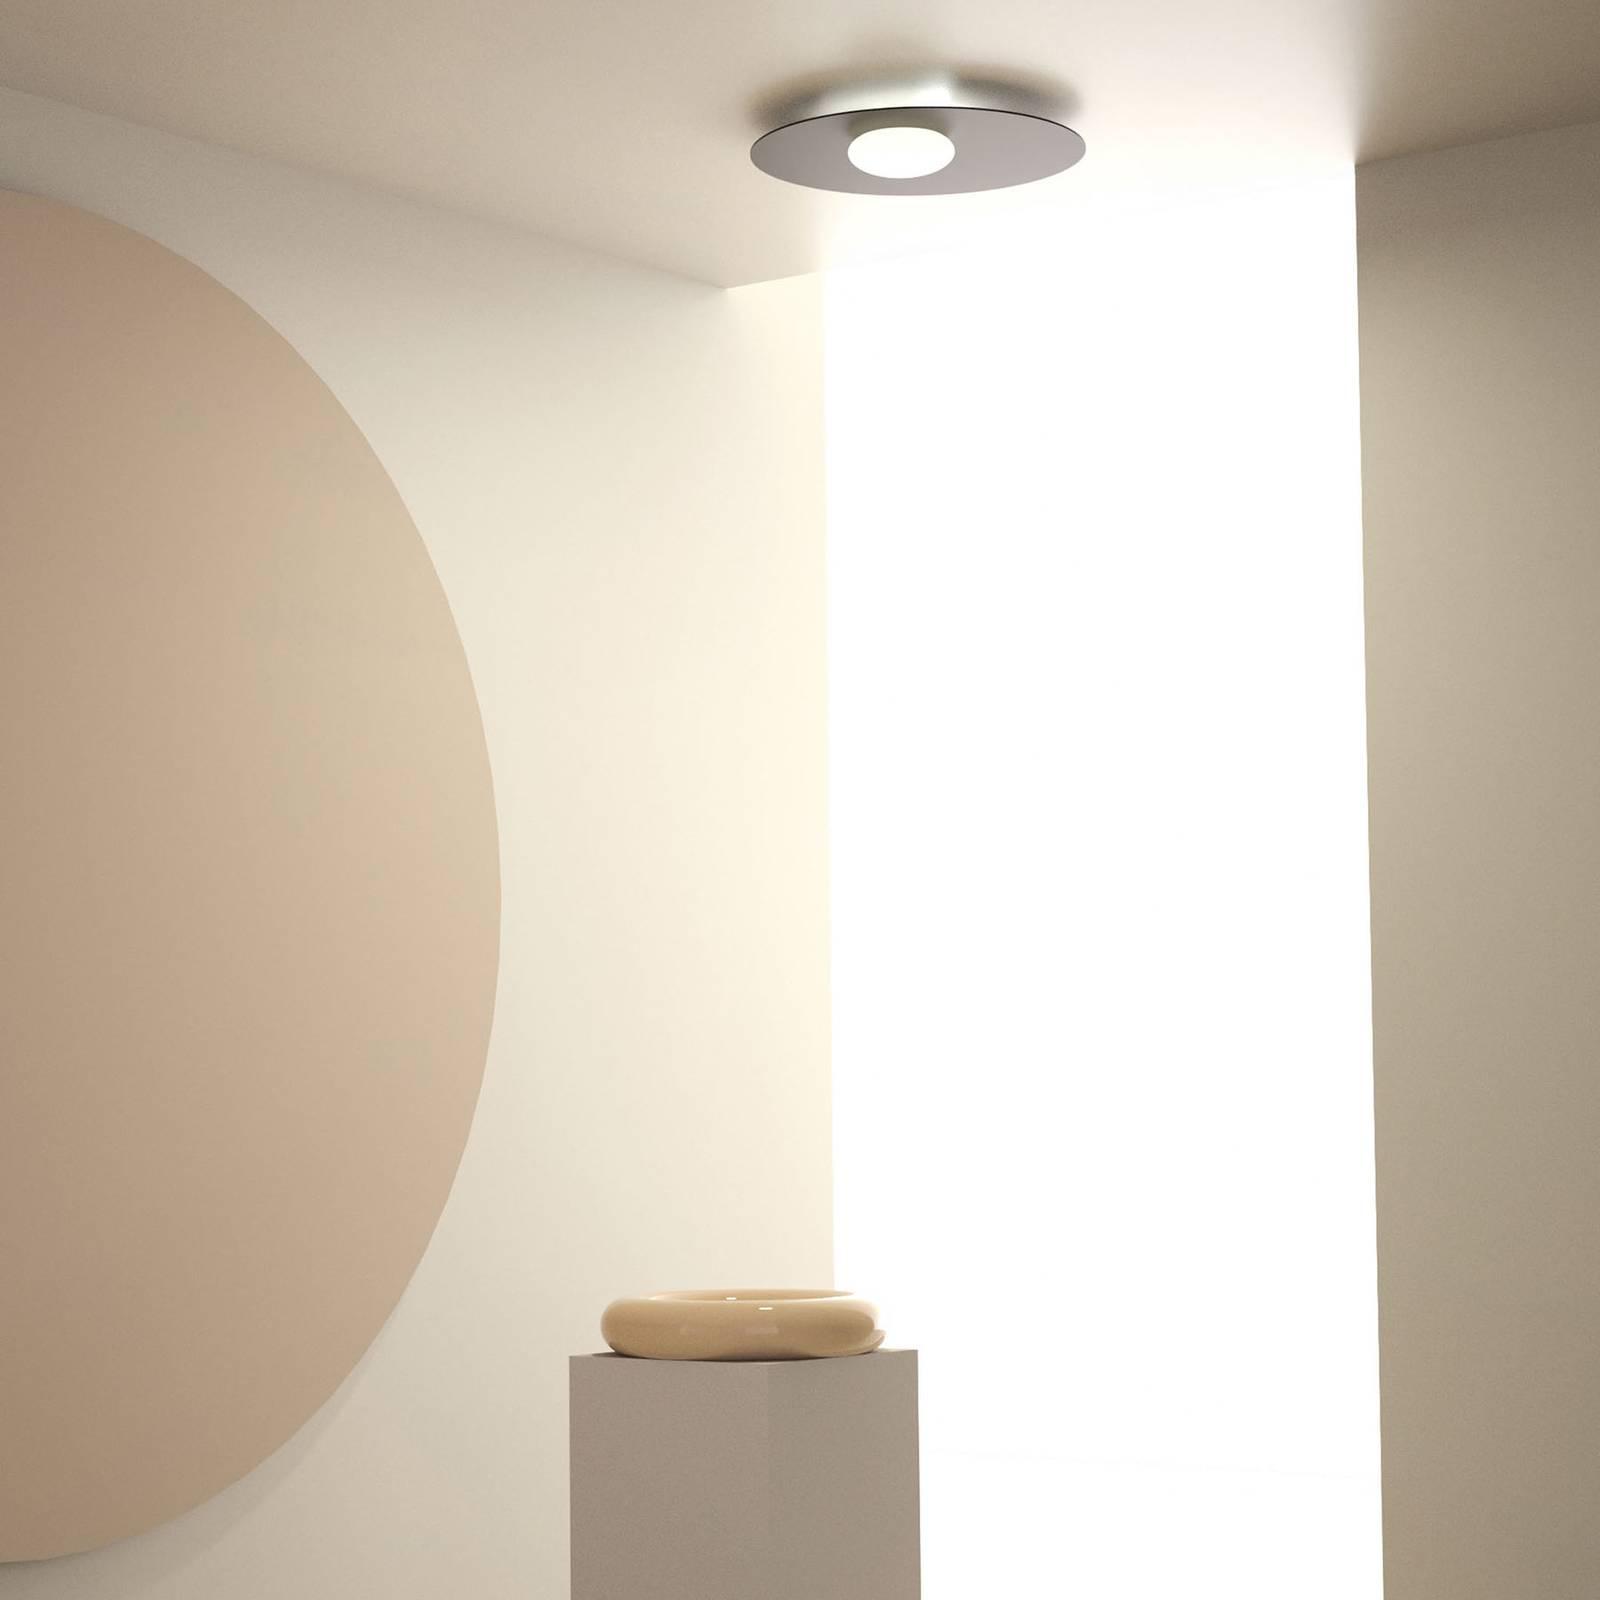 Axolight Kwic LED-Deckenleuchte, schwarz Ø48cm